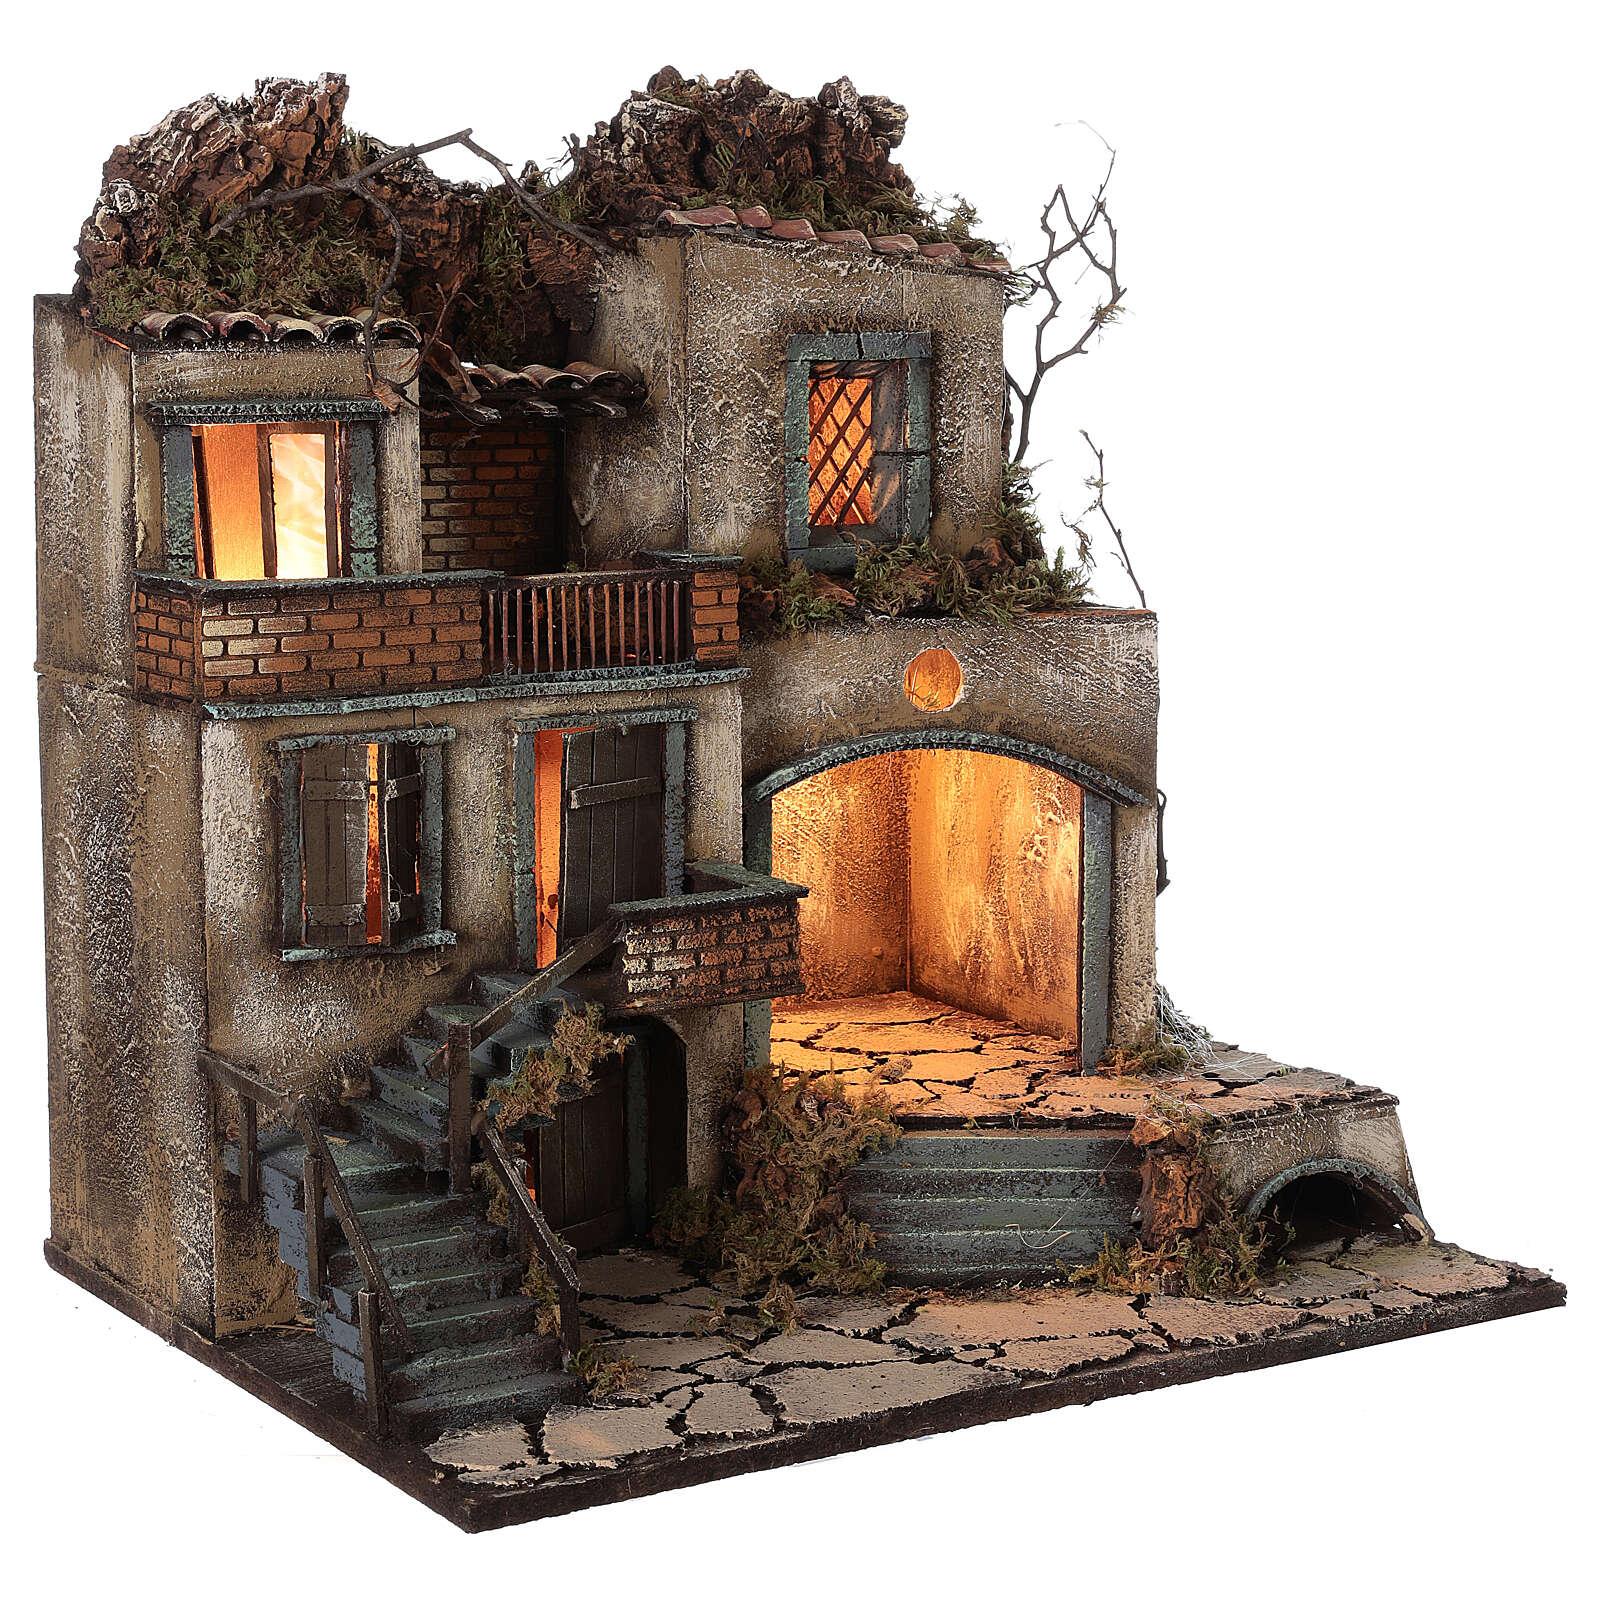 Presépio napolitano aldeia iluminada para figuras de altura média 8-10 cm, medidas: 50x50x40 cm 4